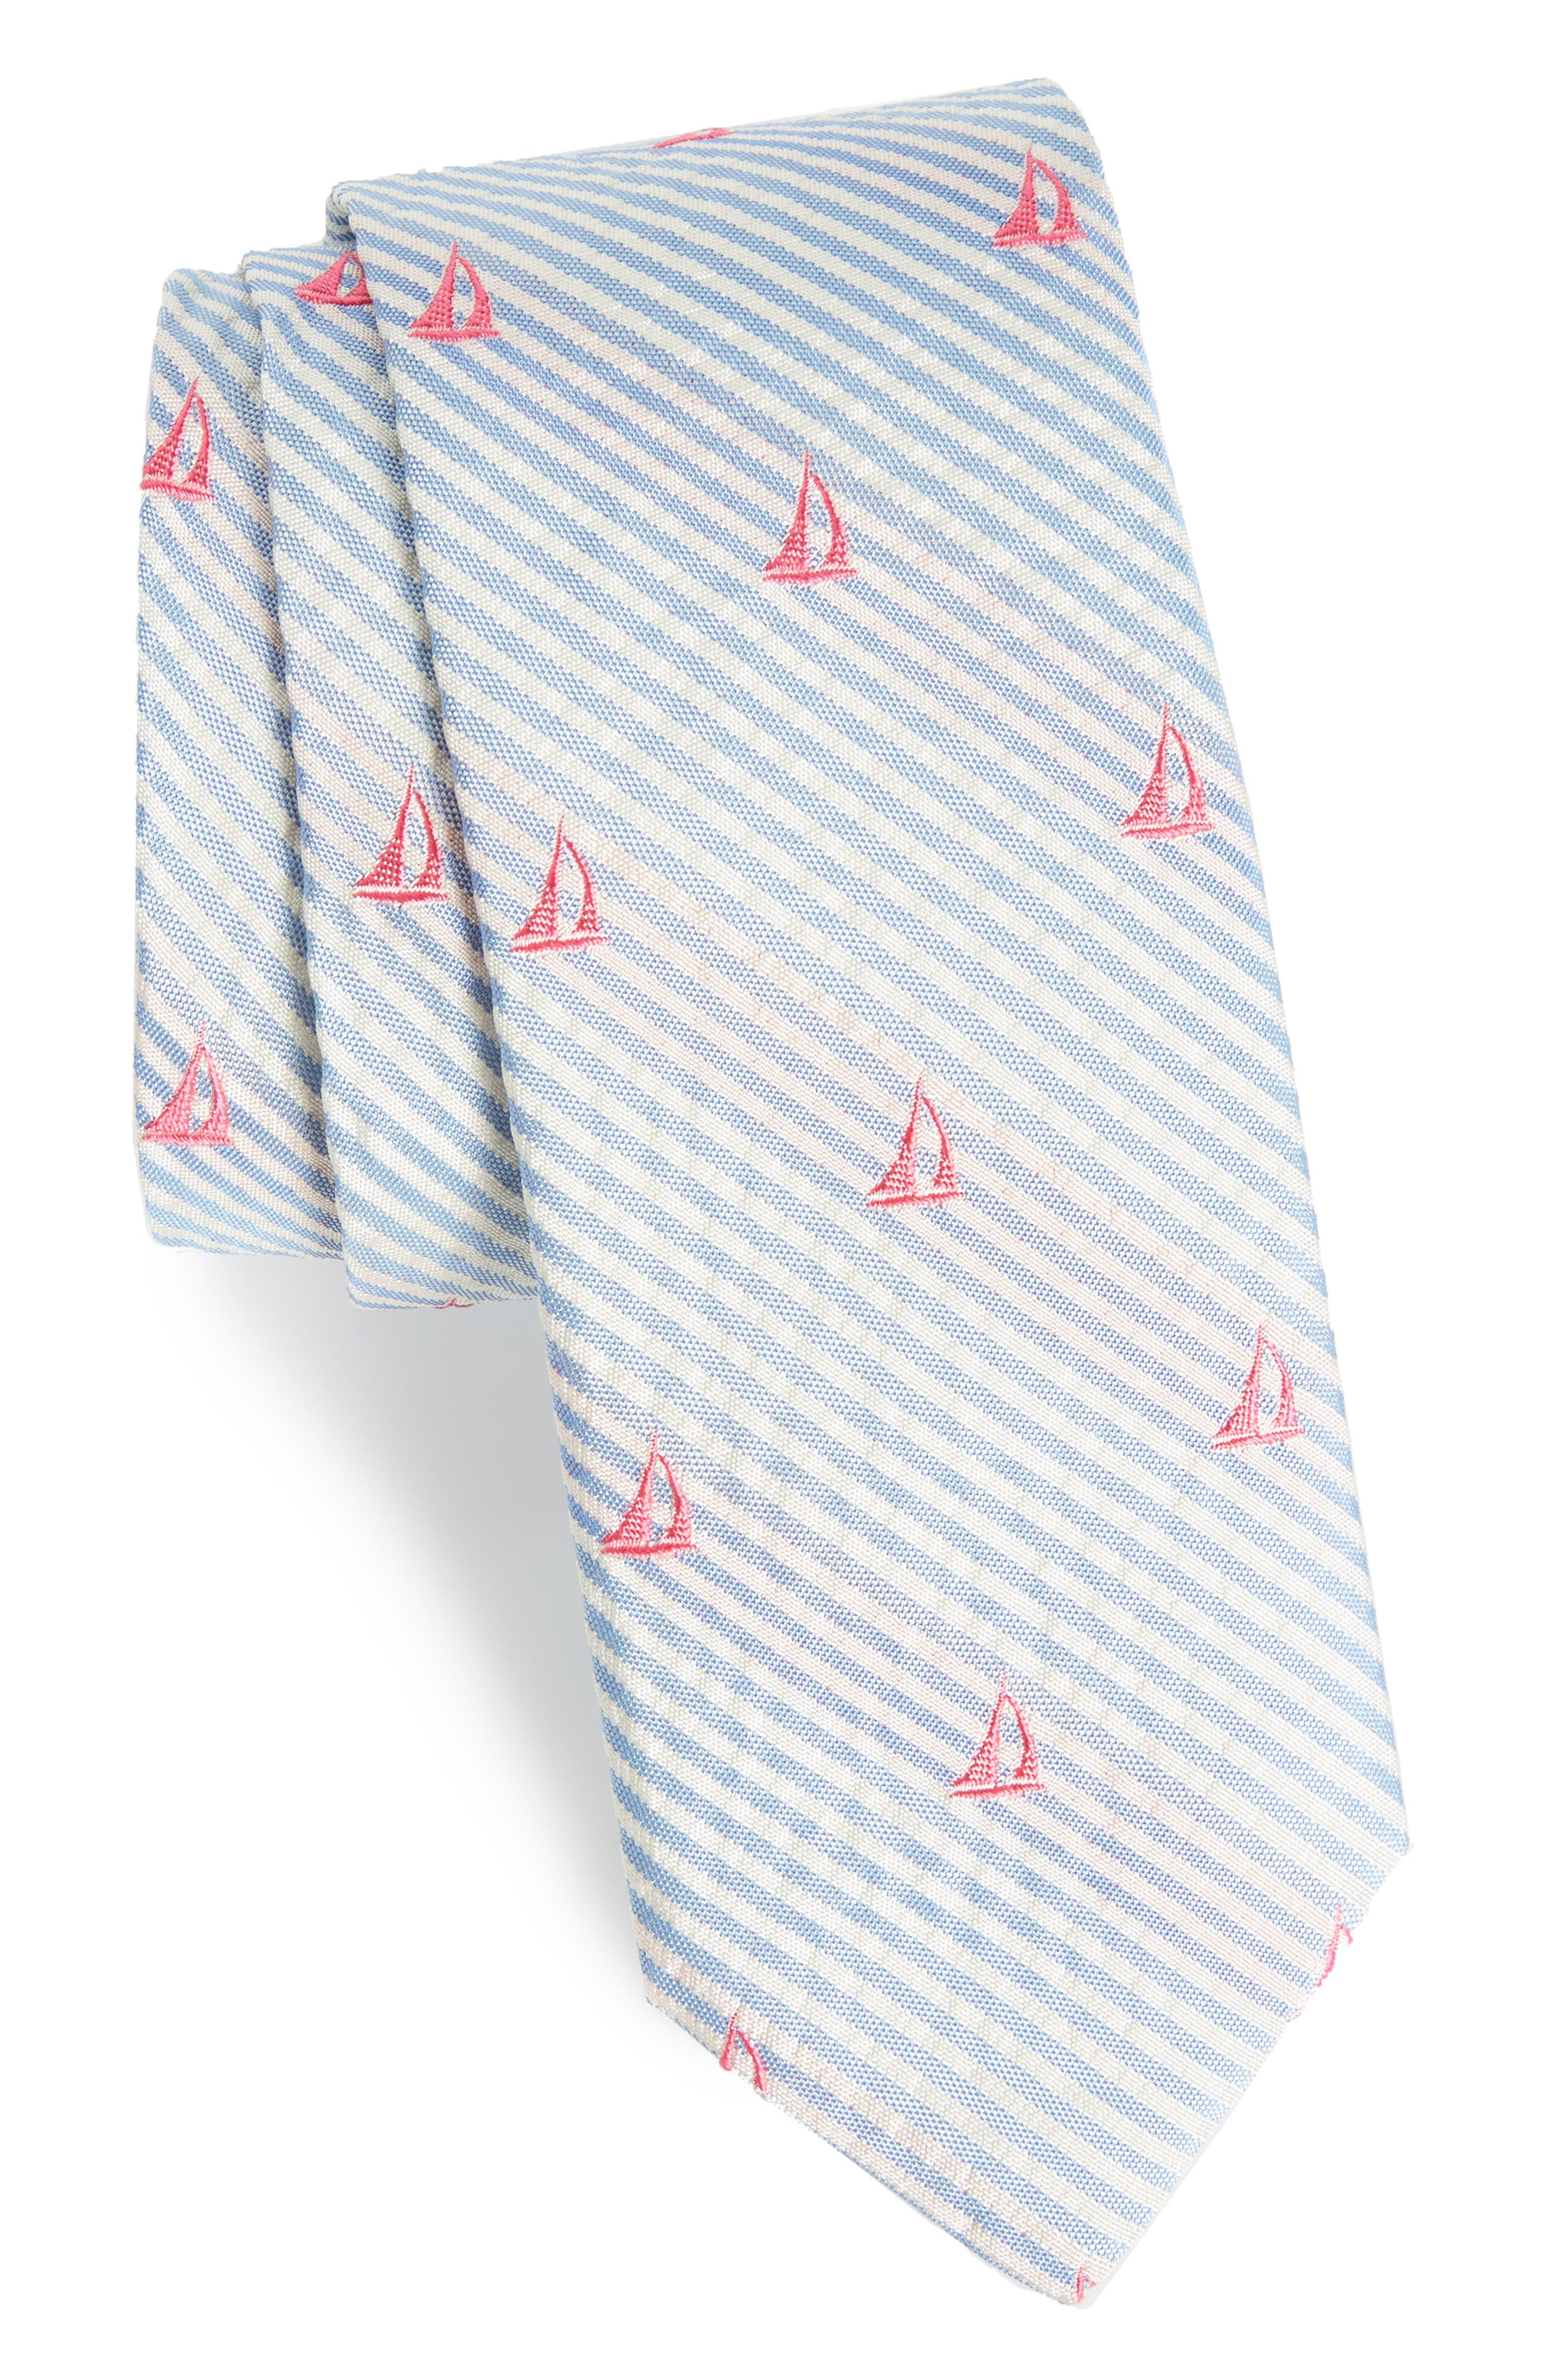 Seersucker Boat Silk Tie,                         Main,                         color, 484